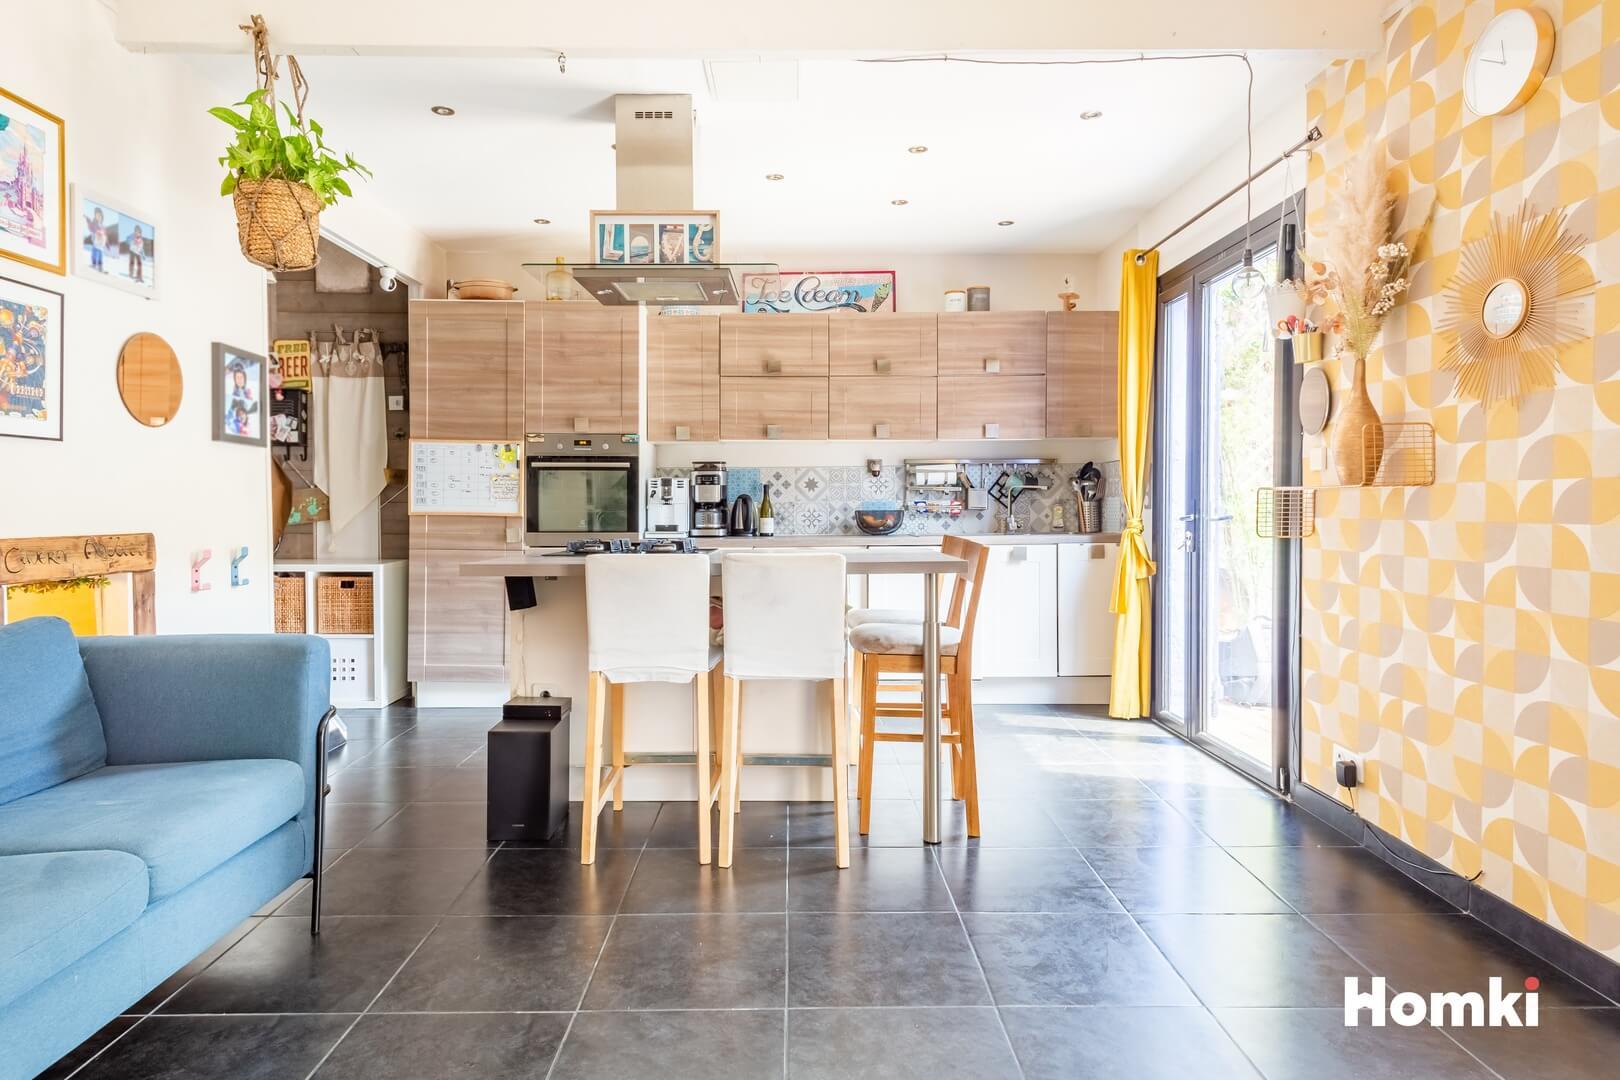 Homki - Vente Maison/villa  de 70.0 m² à Marseille 13011